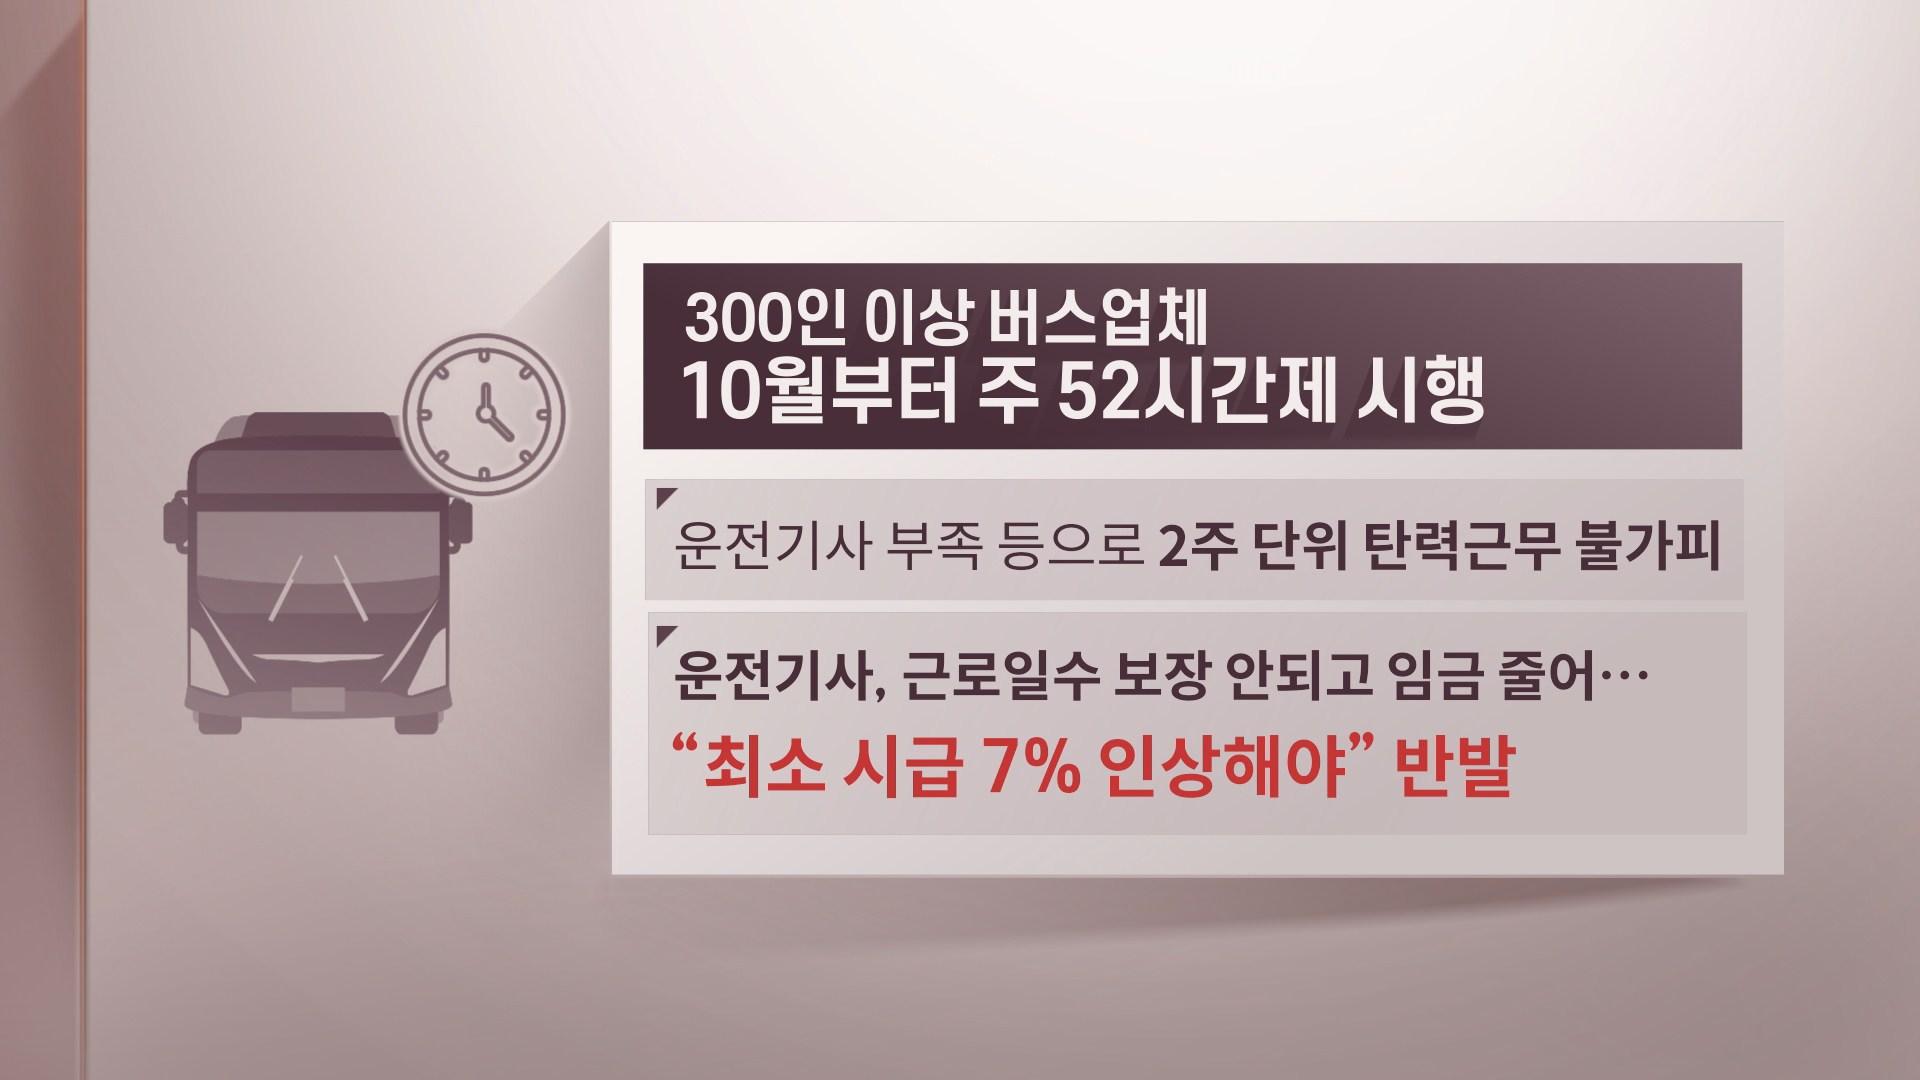 경기도 버스업계 노사협상 '난항'…입장차 뚜렷